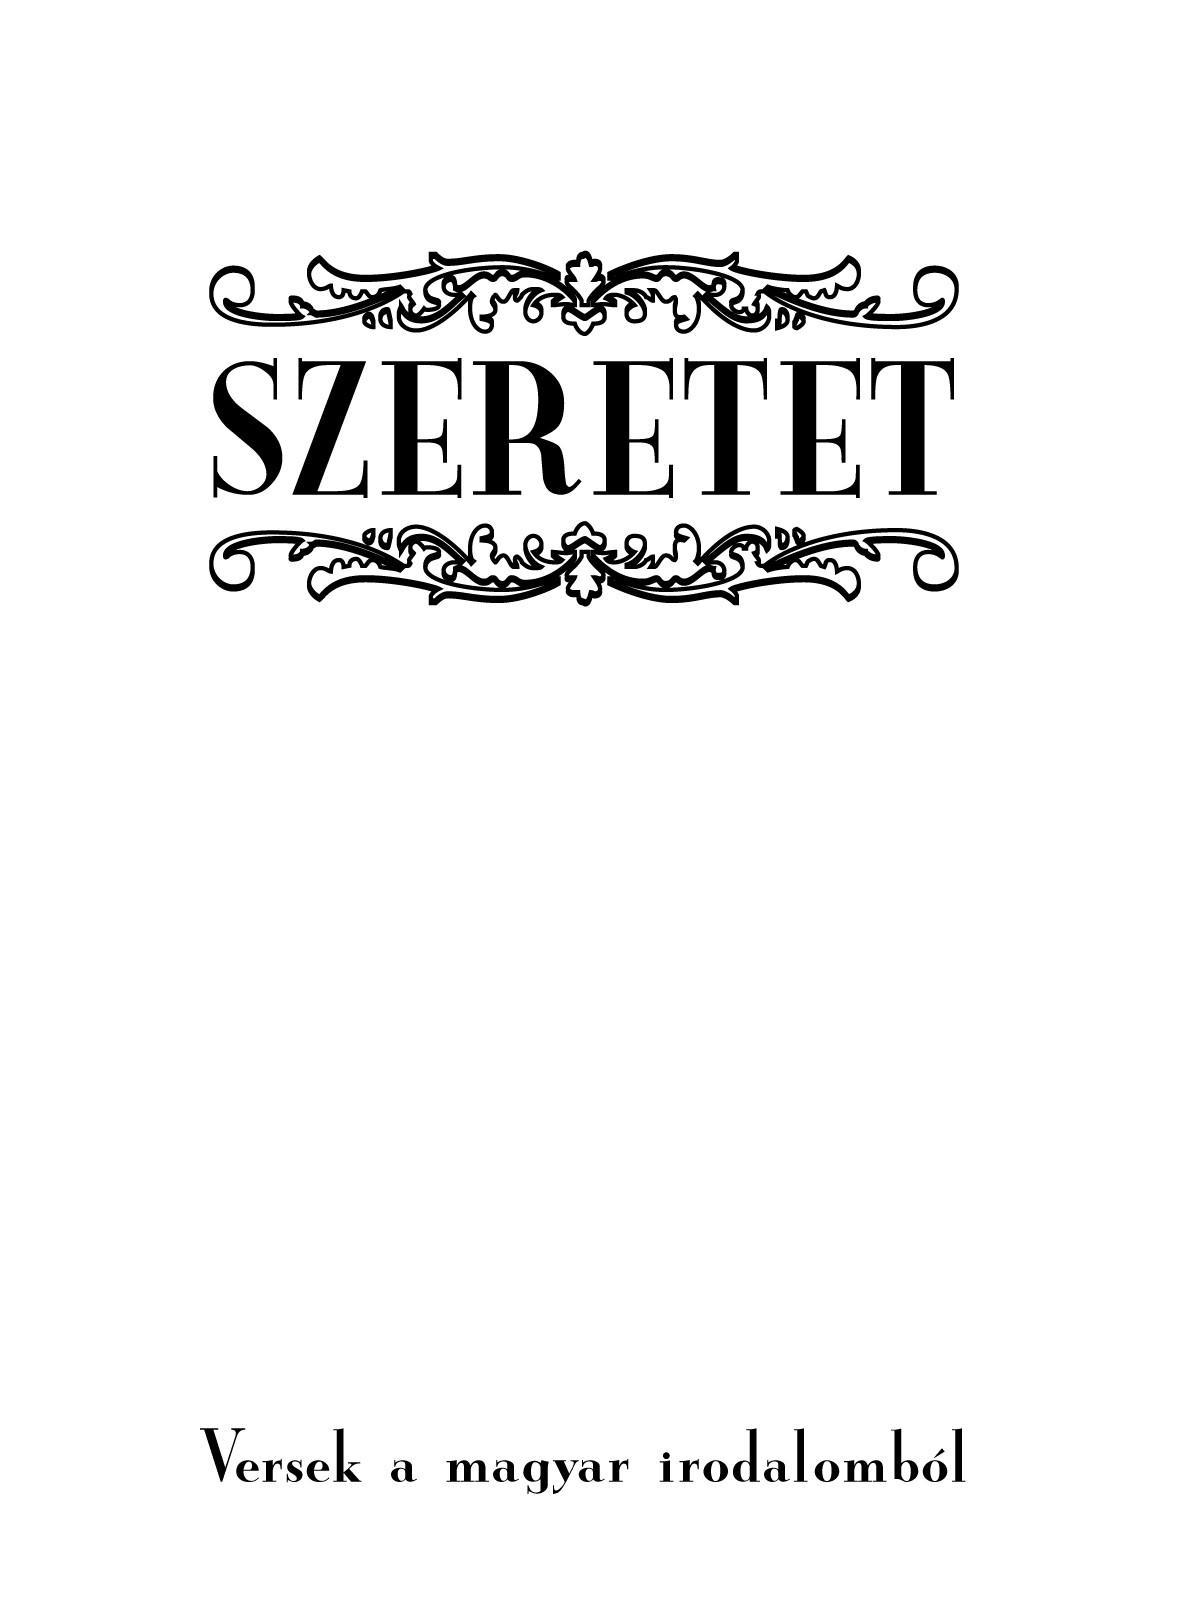 SZERETET - VERSEK A MAGYAR IRODALOMBÓL